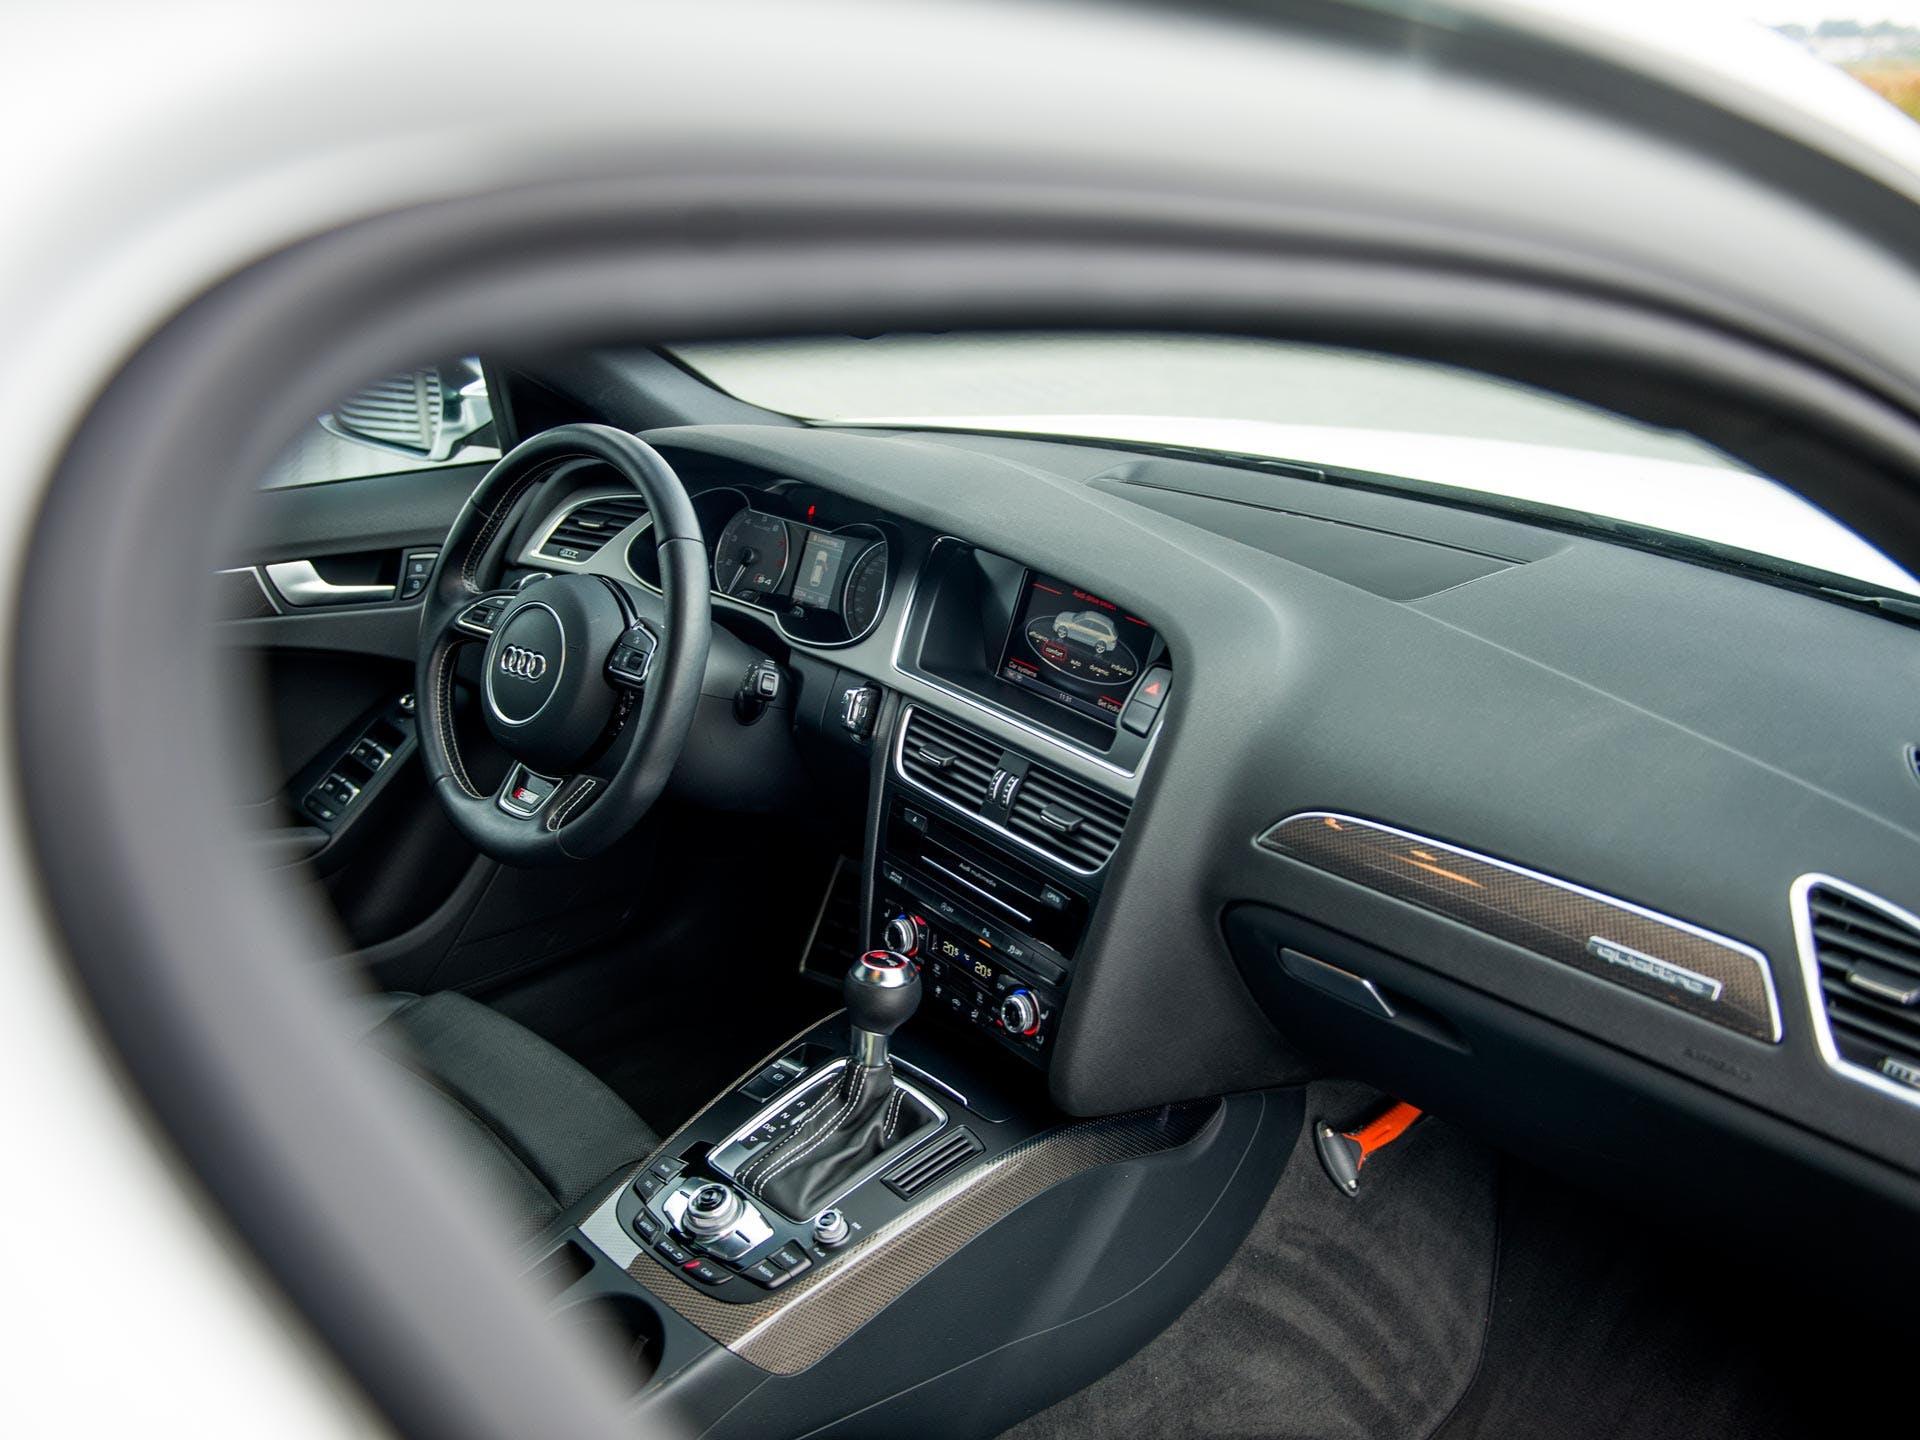 Tweedehands Audi S4 Avant 2014 occasion